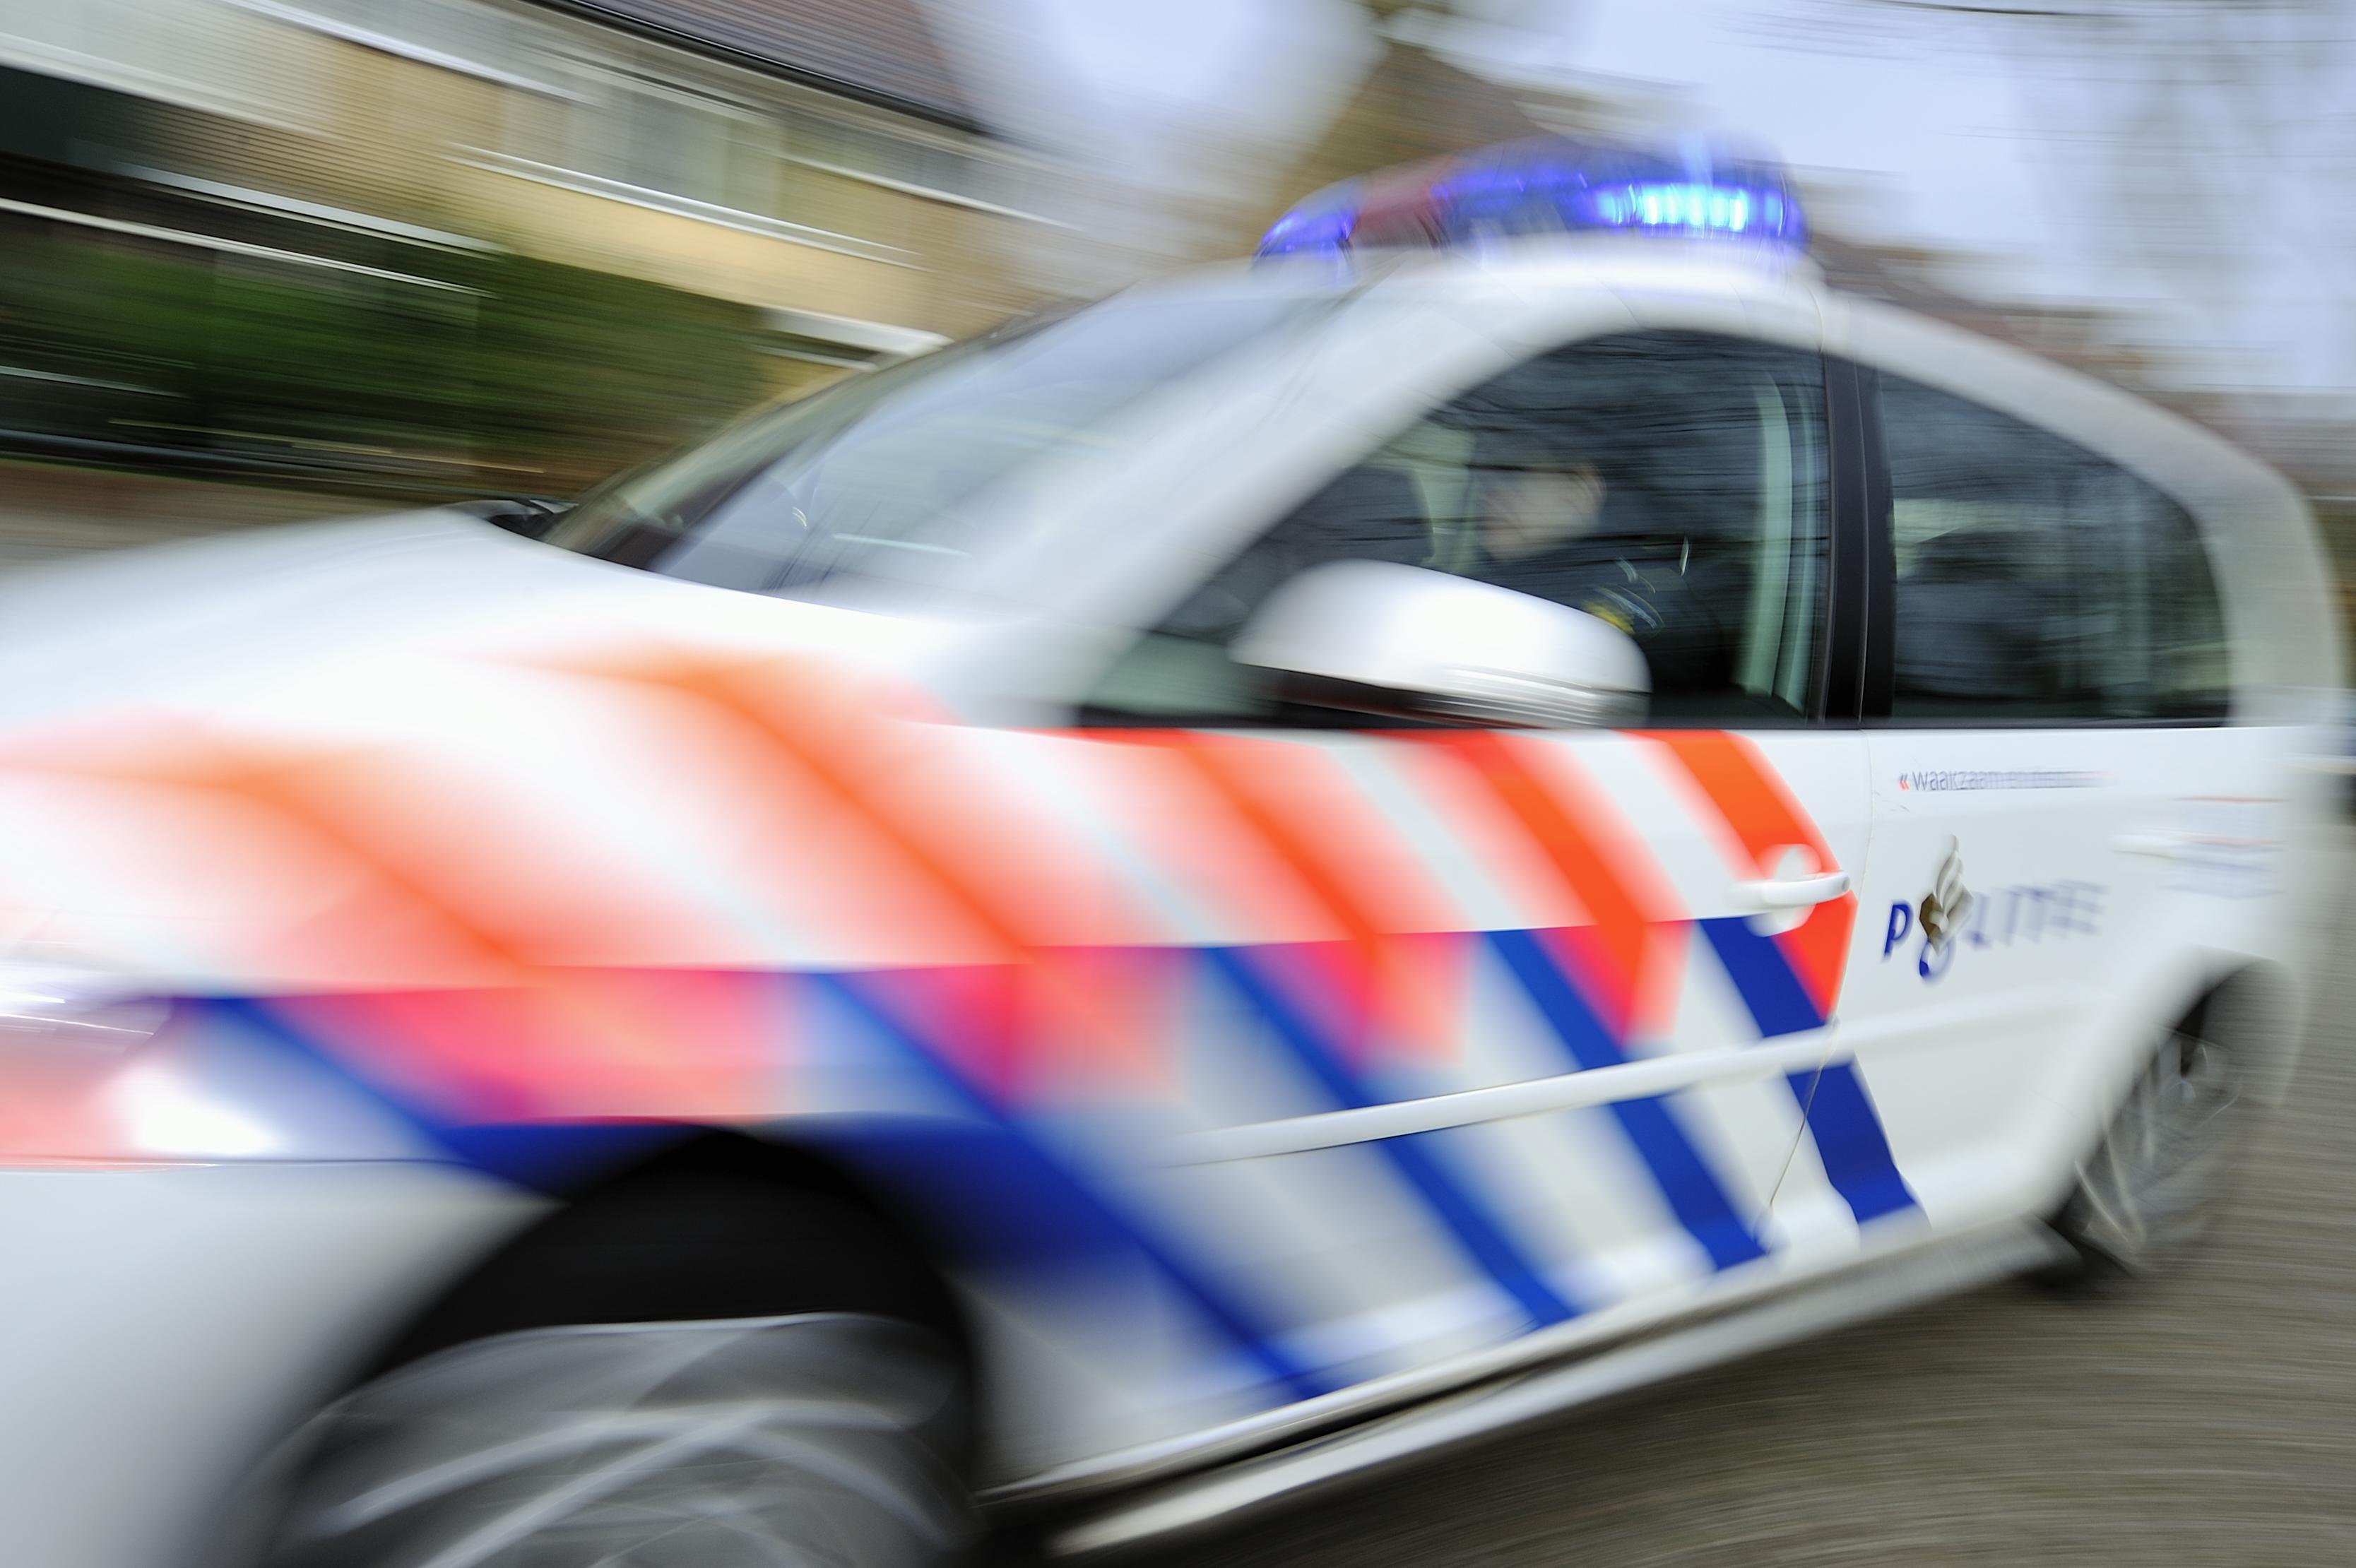 Automobilist met openstaande celstraf en boete van duizenden euro's opgepakt op snelweg bij knooppunt Muiderberg